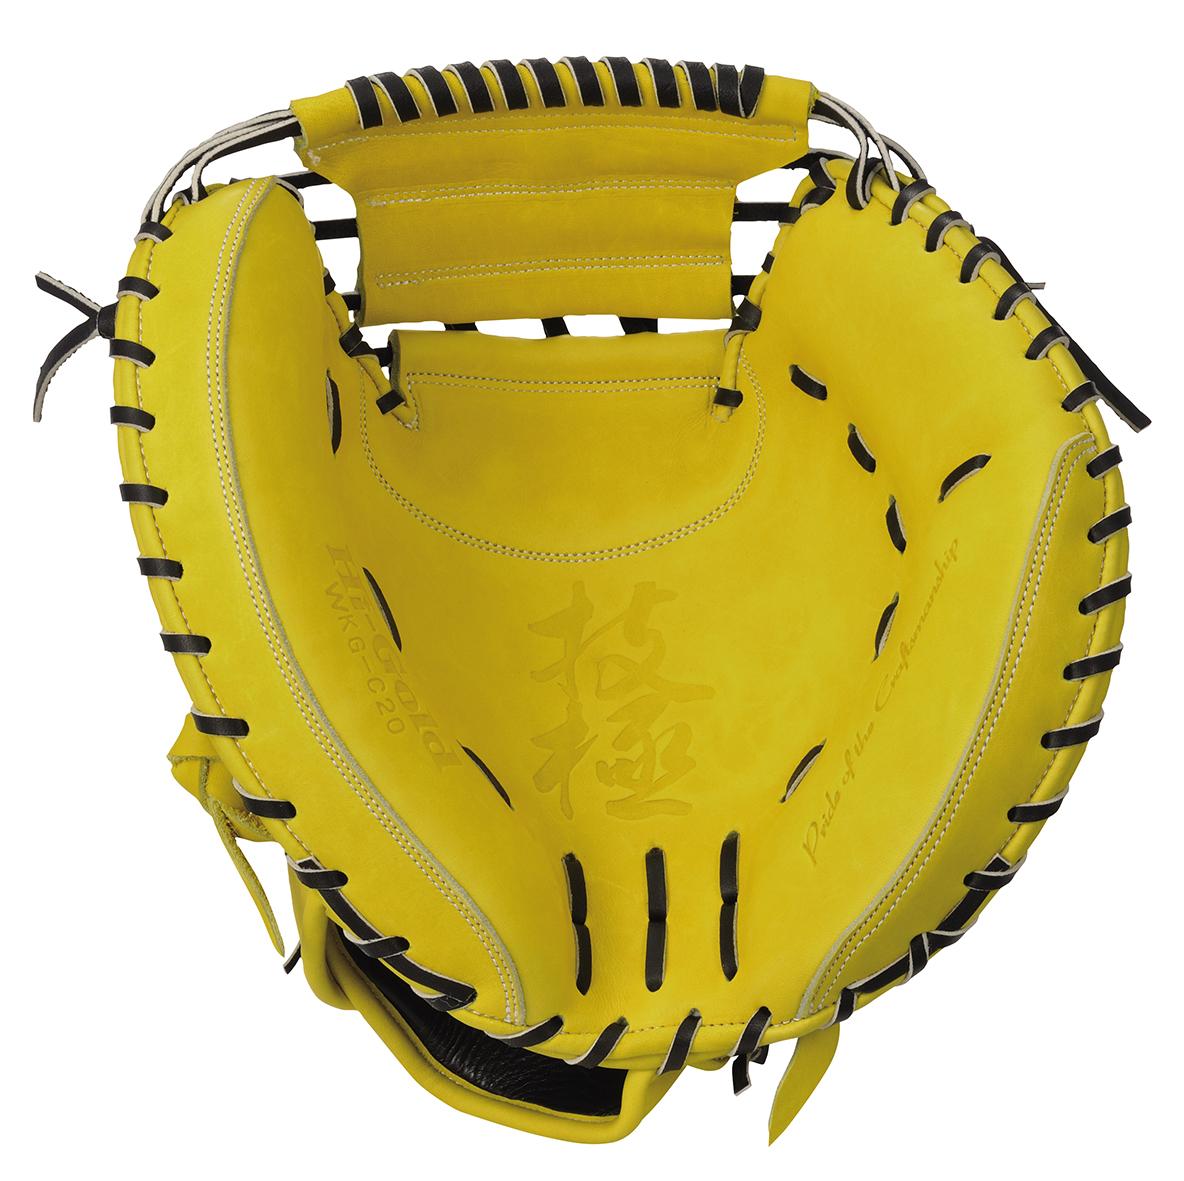 ハイゴールド 硬式野球ミット 技極硬式用ミットシリーズ 捕手用グローブ オープンバックX ナチュラルイエロー×ブラック 右投げ WKGC20 送料無料 2020年モデル